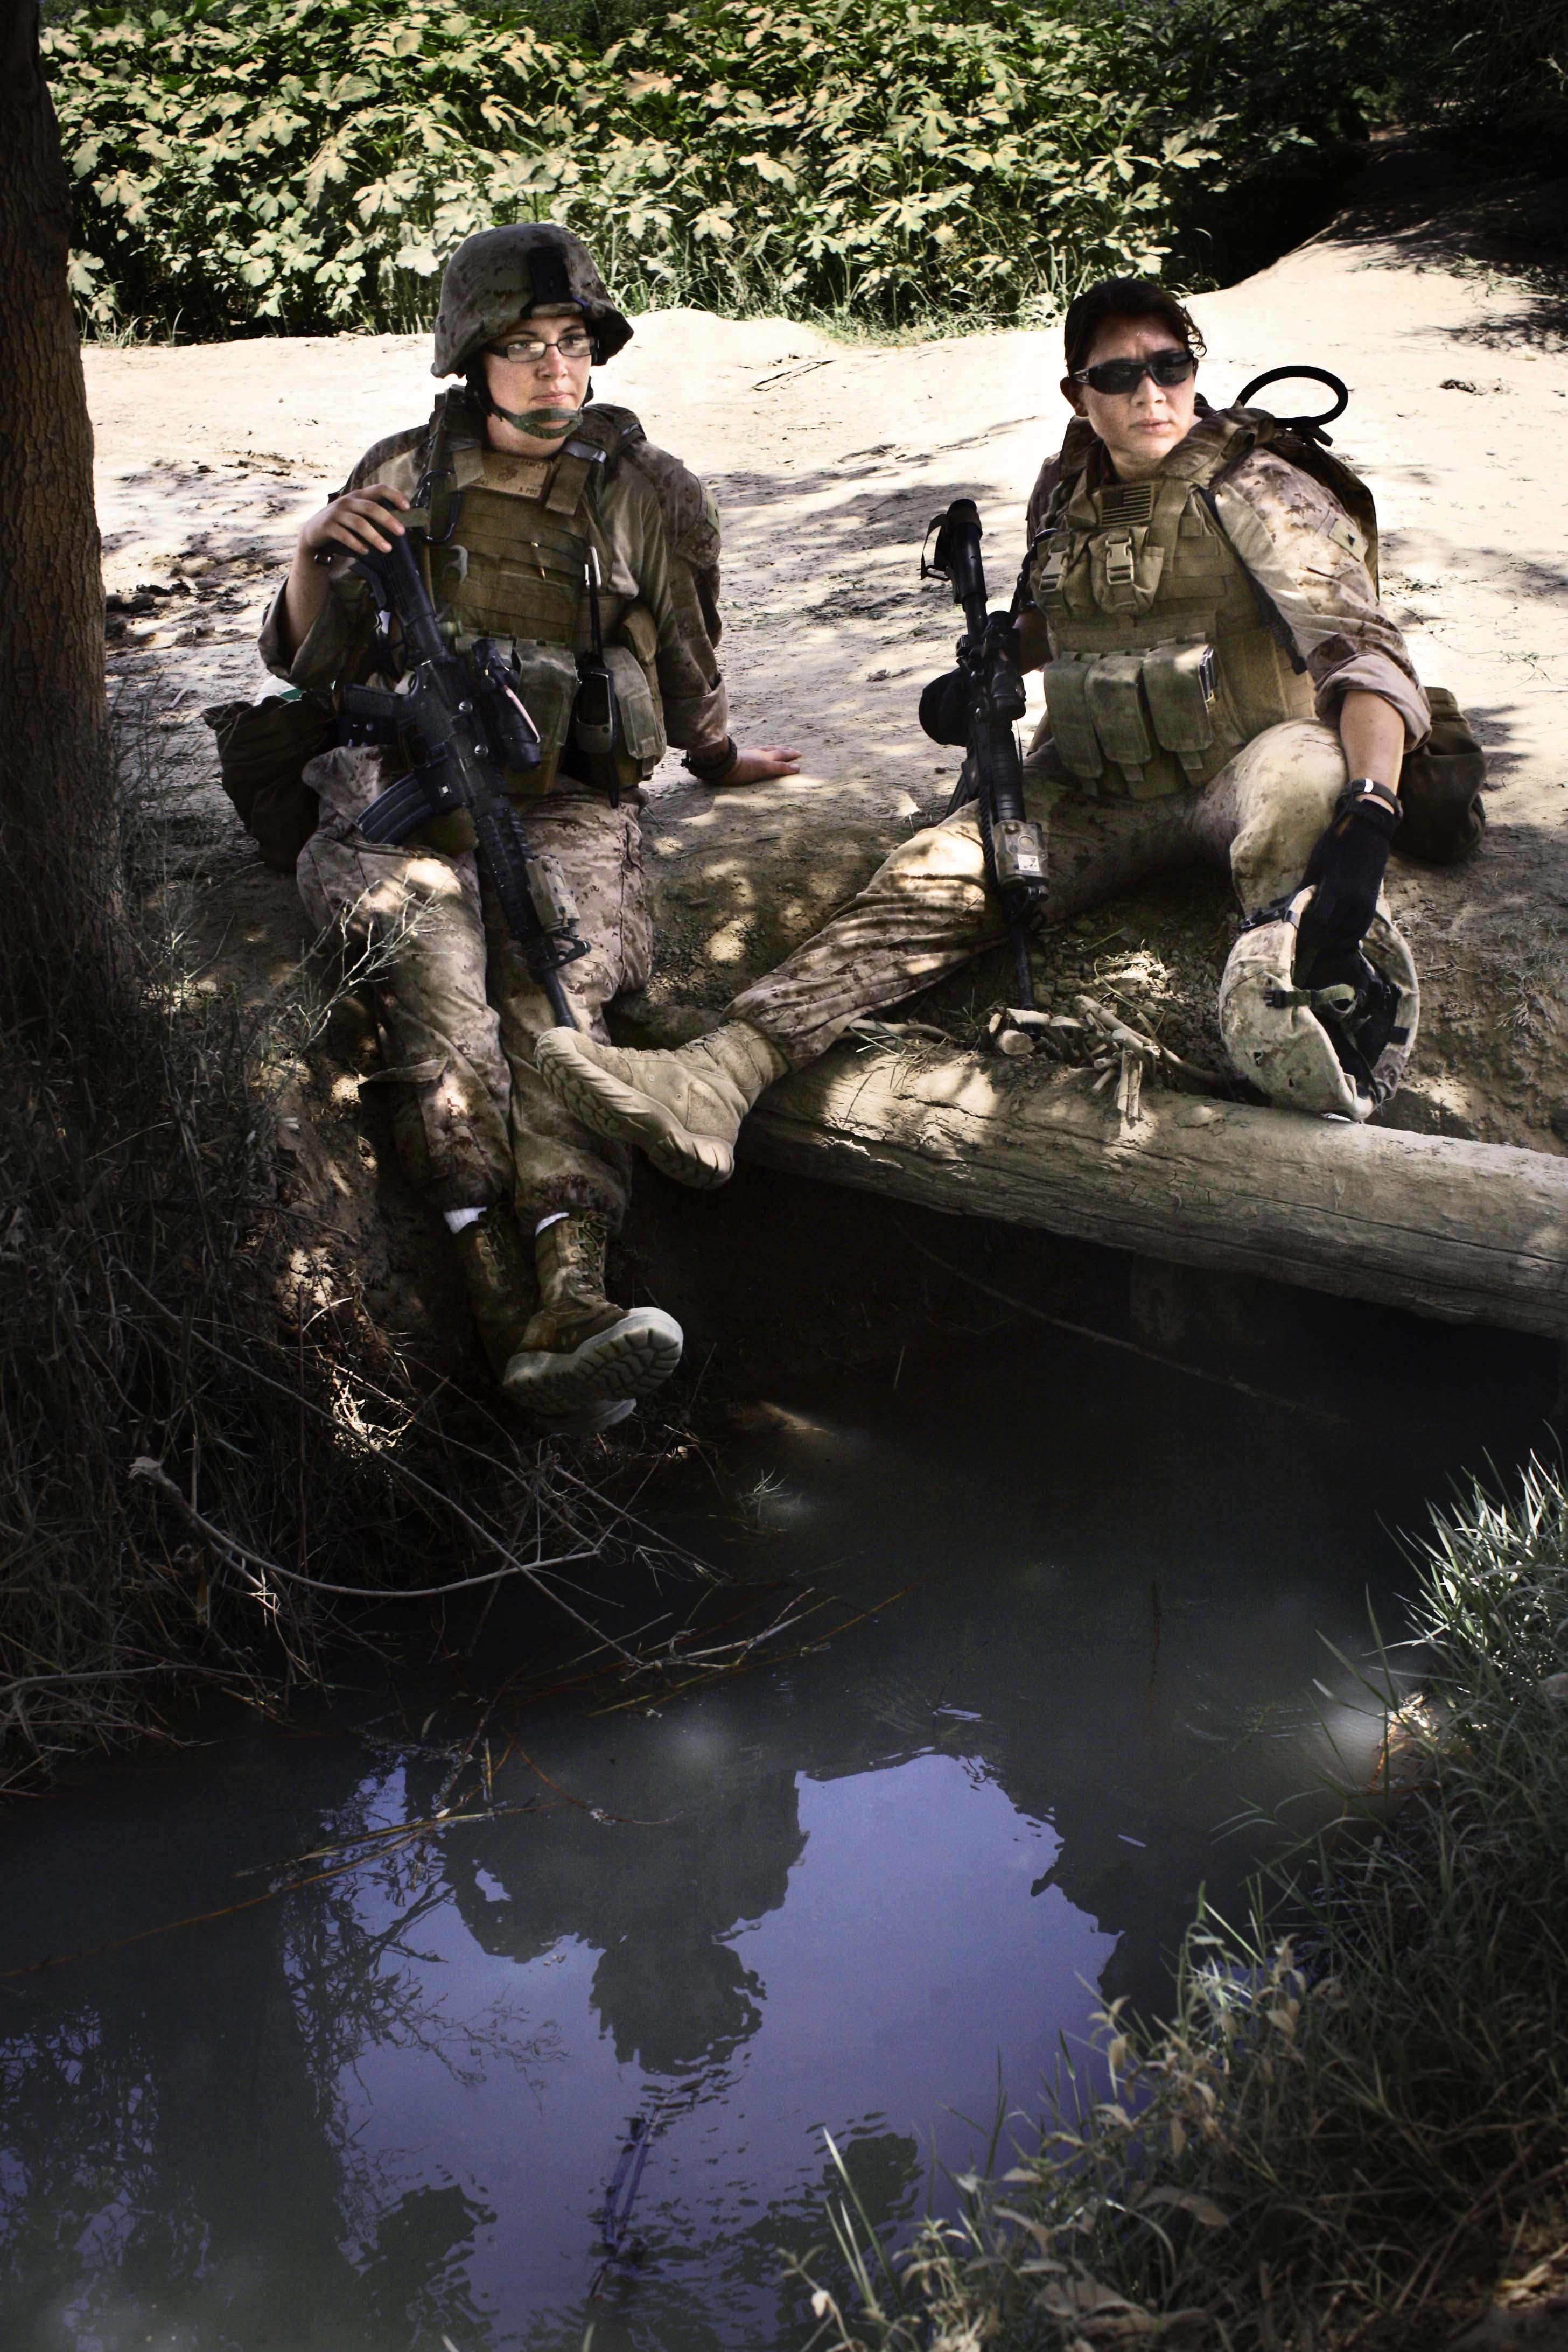 NAWA, AFGHANISTAN- JULY, 2010- Soldate 1ere classe, Angela Pacheco (32) et Caporale, Heather Sample (22) se reposent durant une patrouille à pieds de 5 heures sous un soleil de plomb dans la province de Nawa. (Picture by Veronique de Viguerie/Reportage by Getty Images)